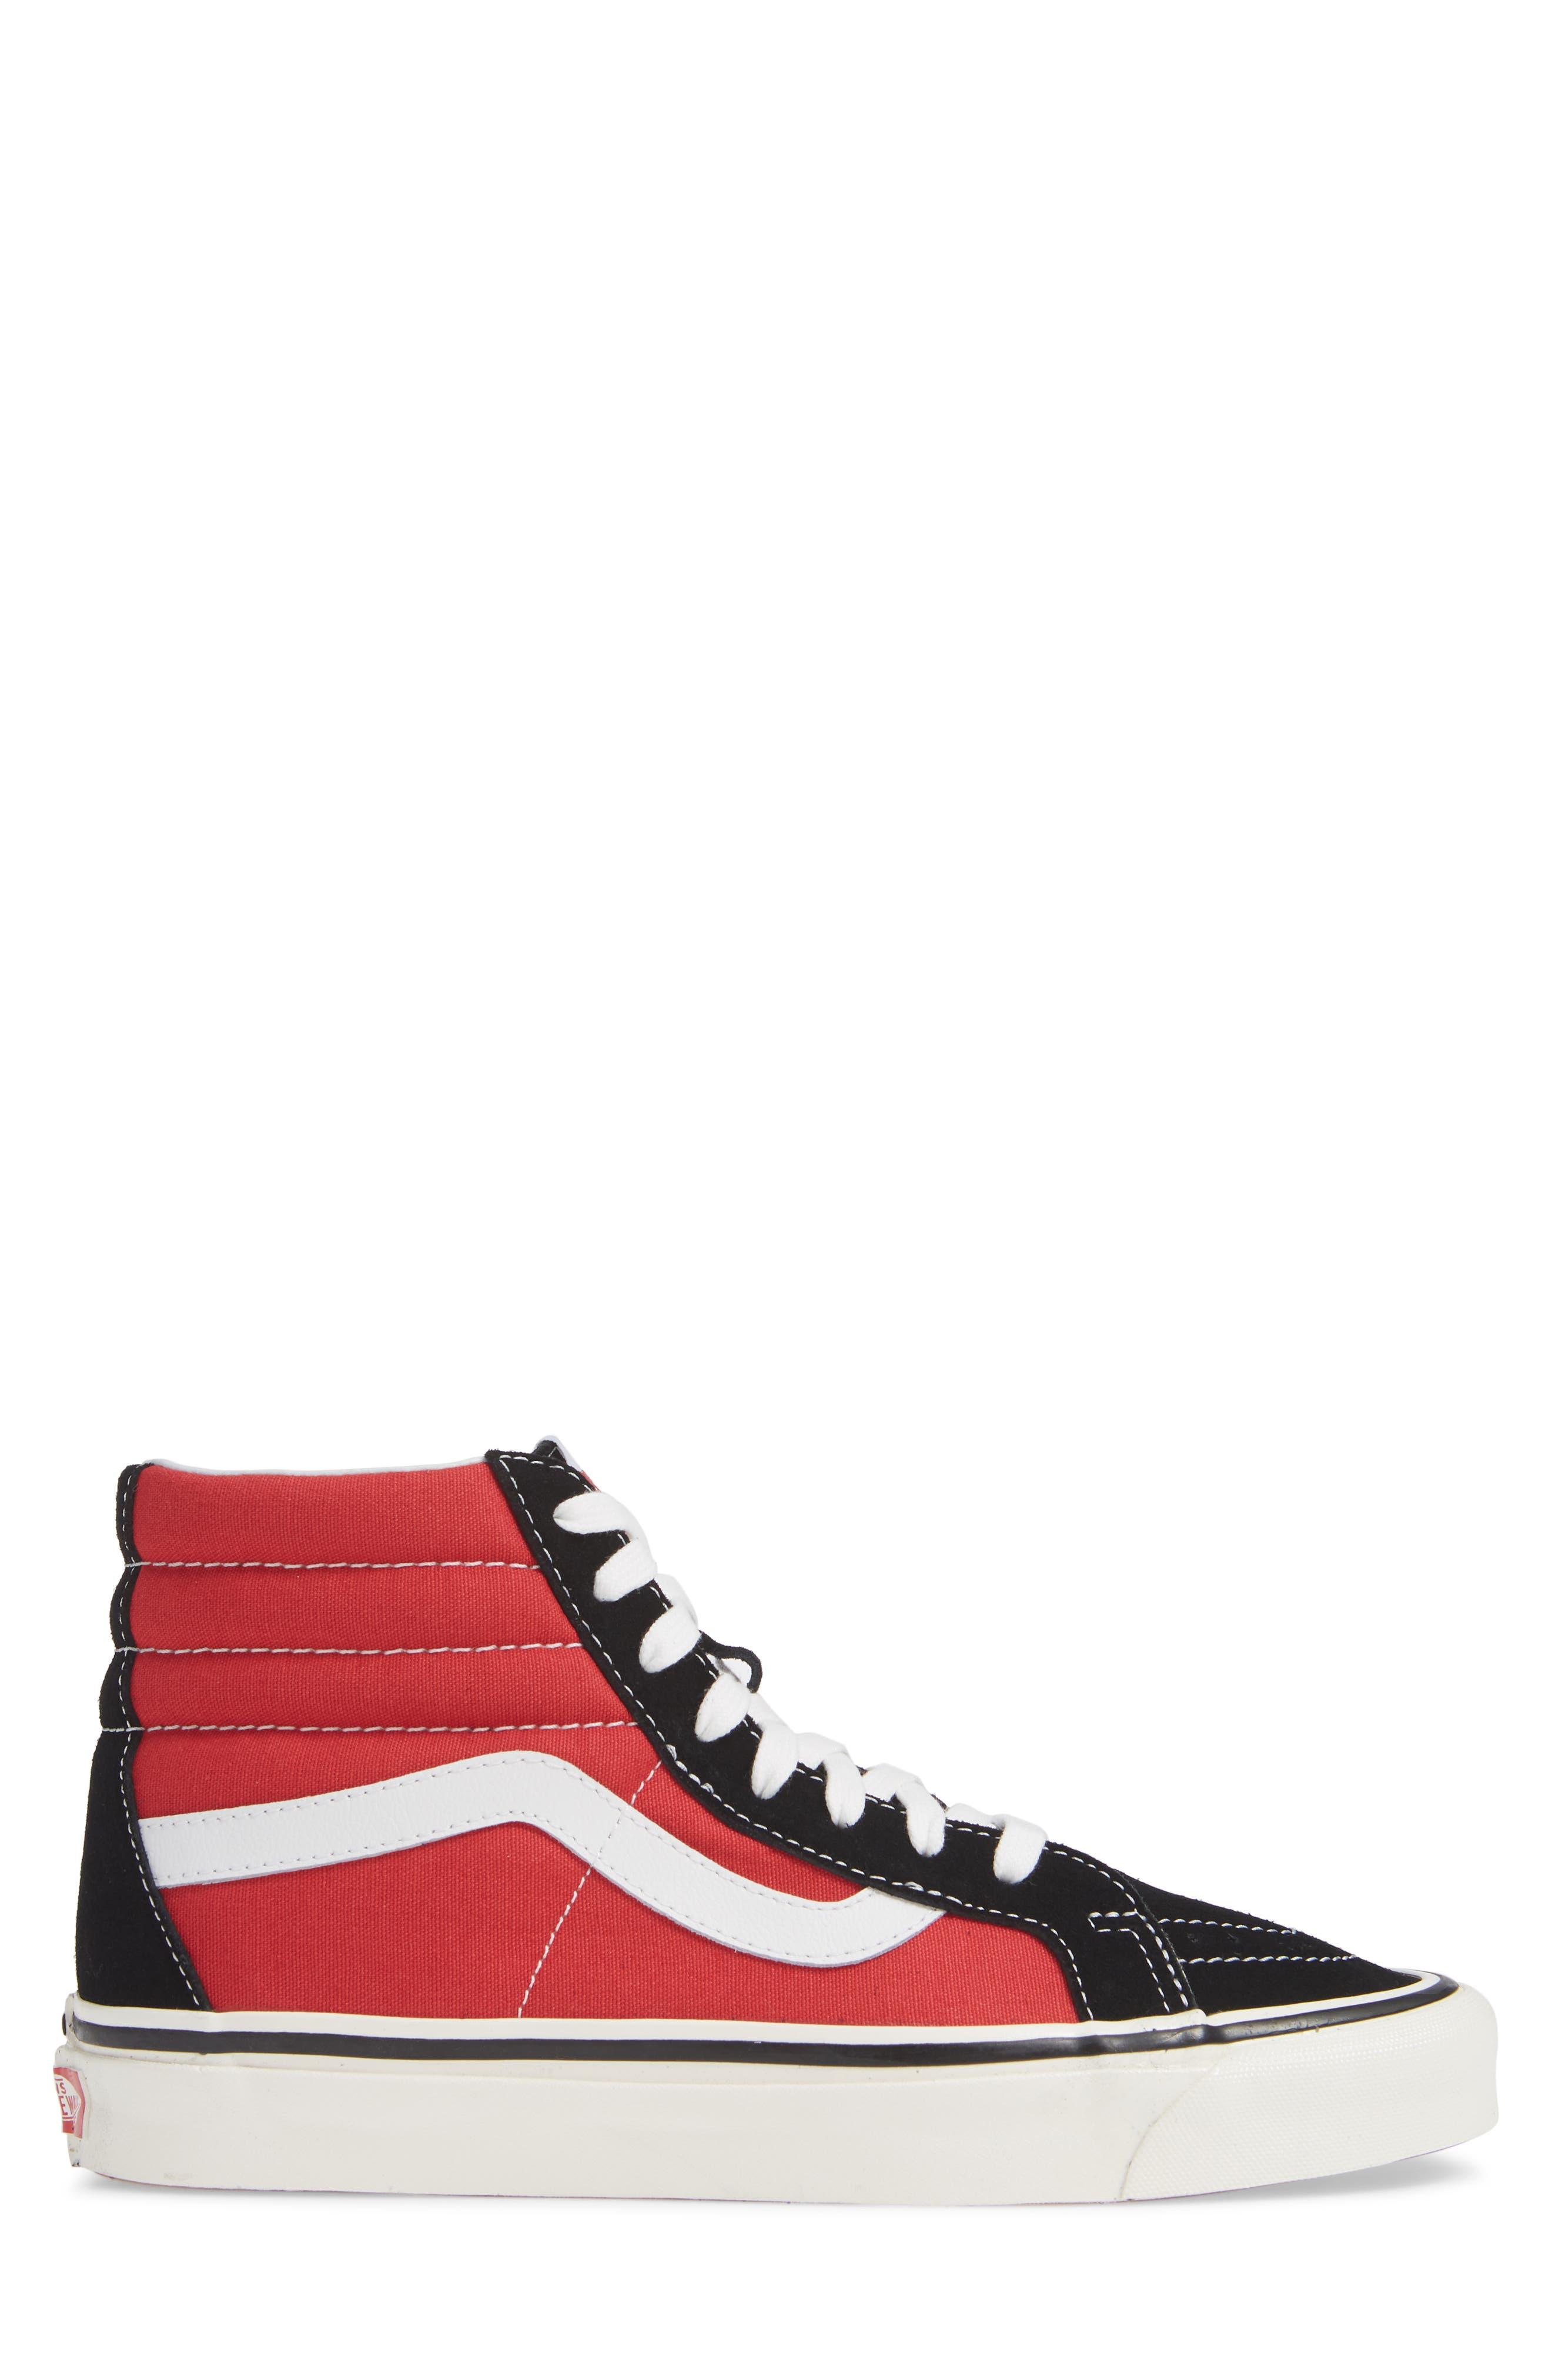 UA Sk8-Hi 38 DX Sneaker,                             Alternate thumbnail 3, color,                             OG BLACK/ OG RED CANVAS